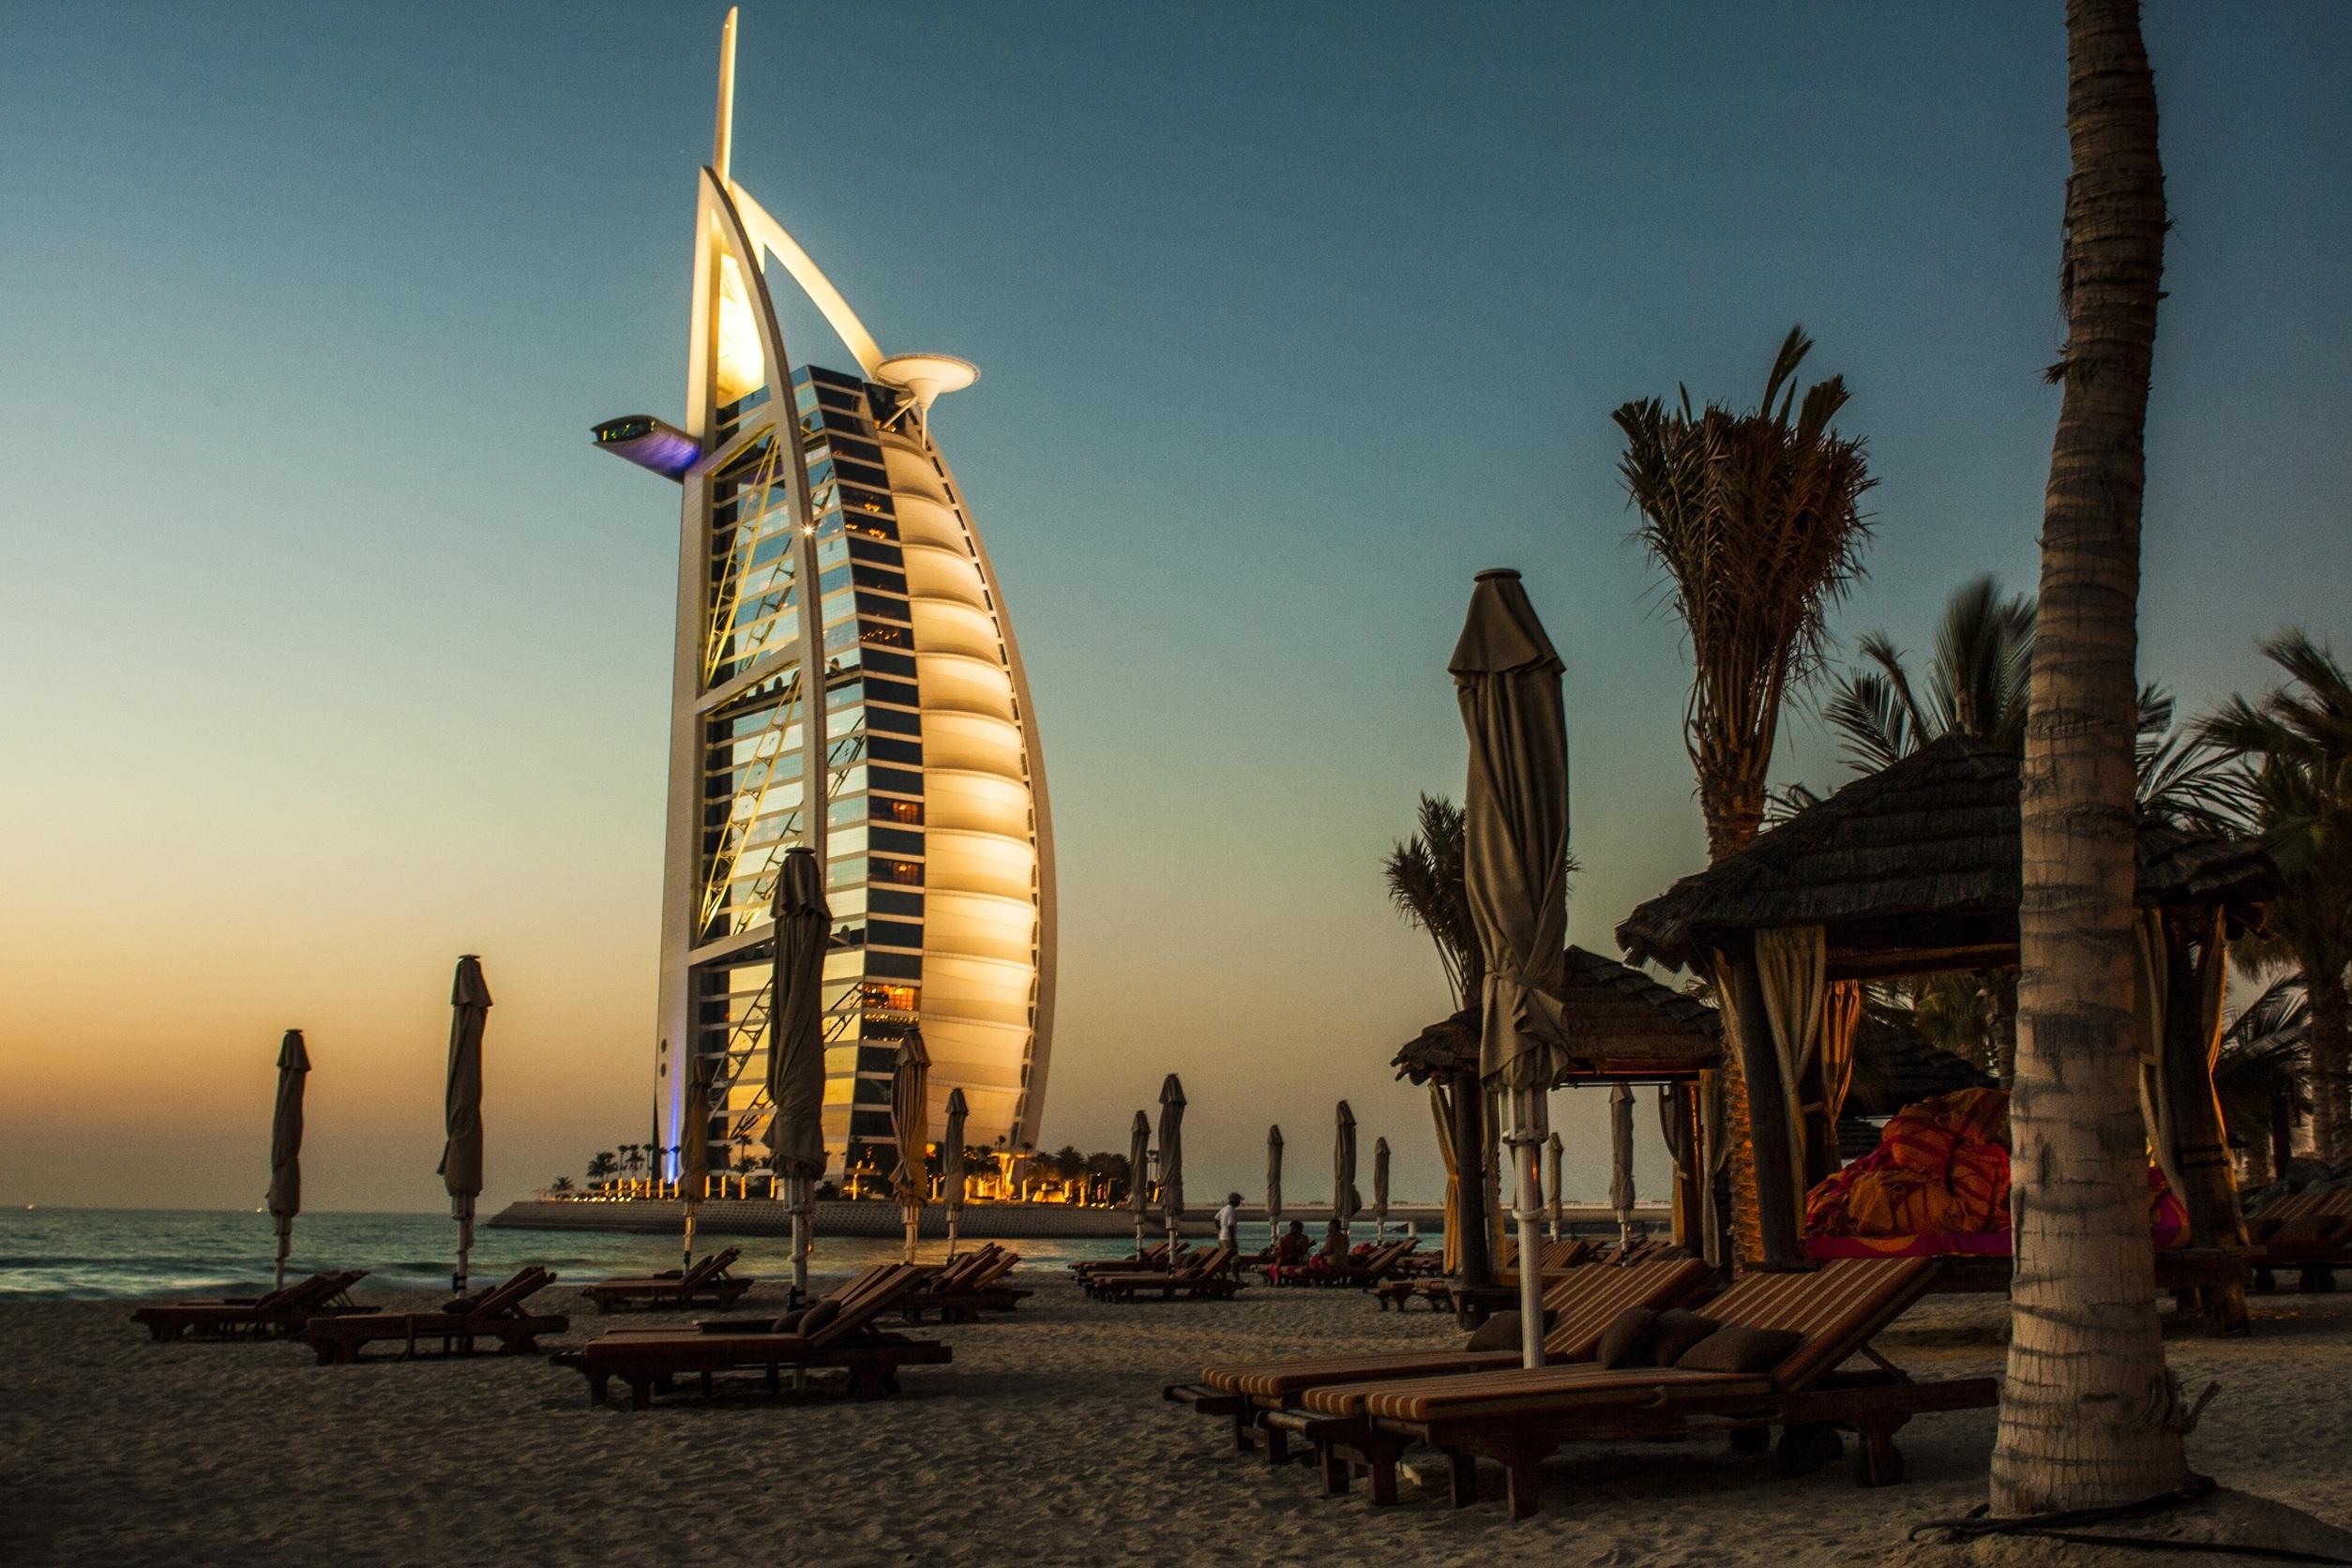 Фото отеля Бурдж-эль-Араб в Дубае